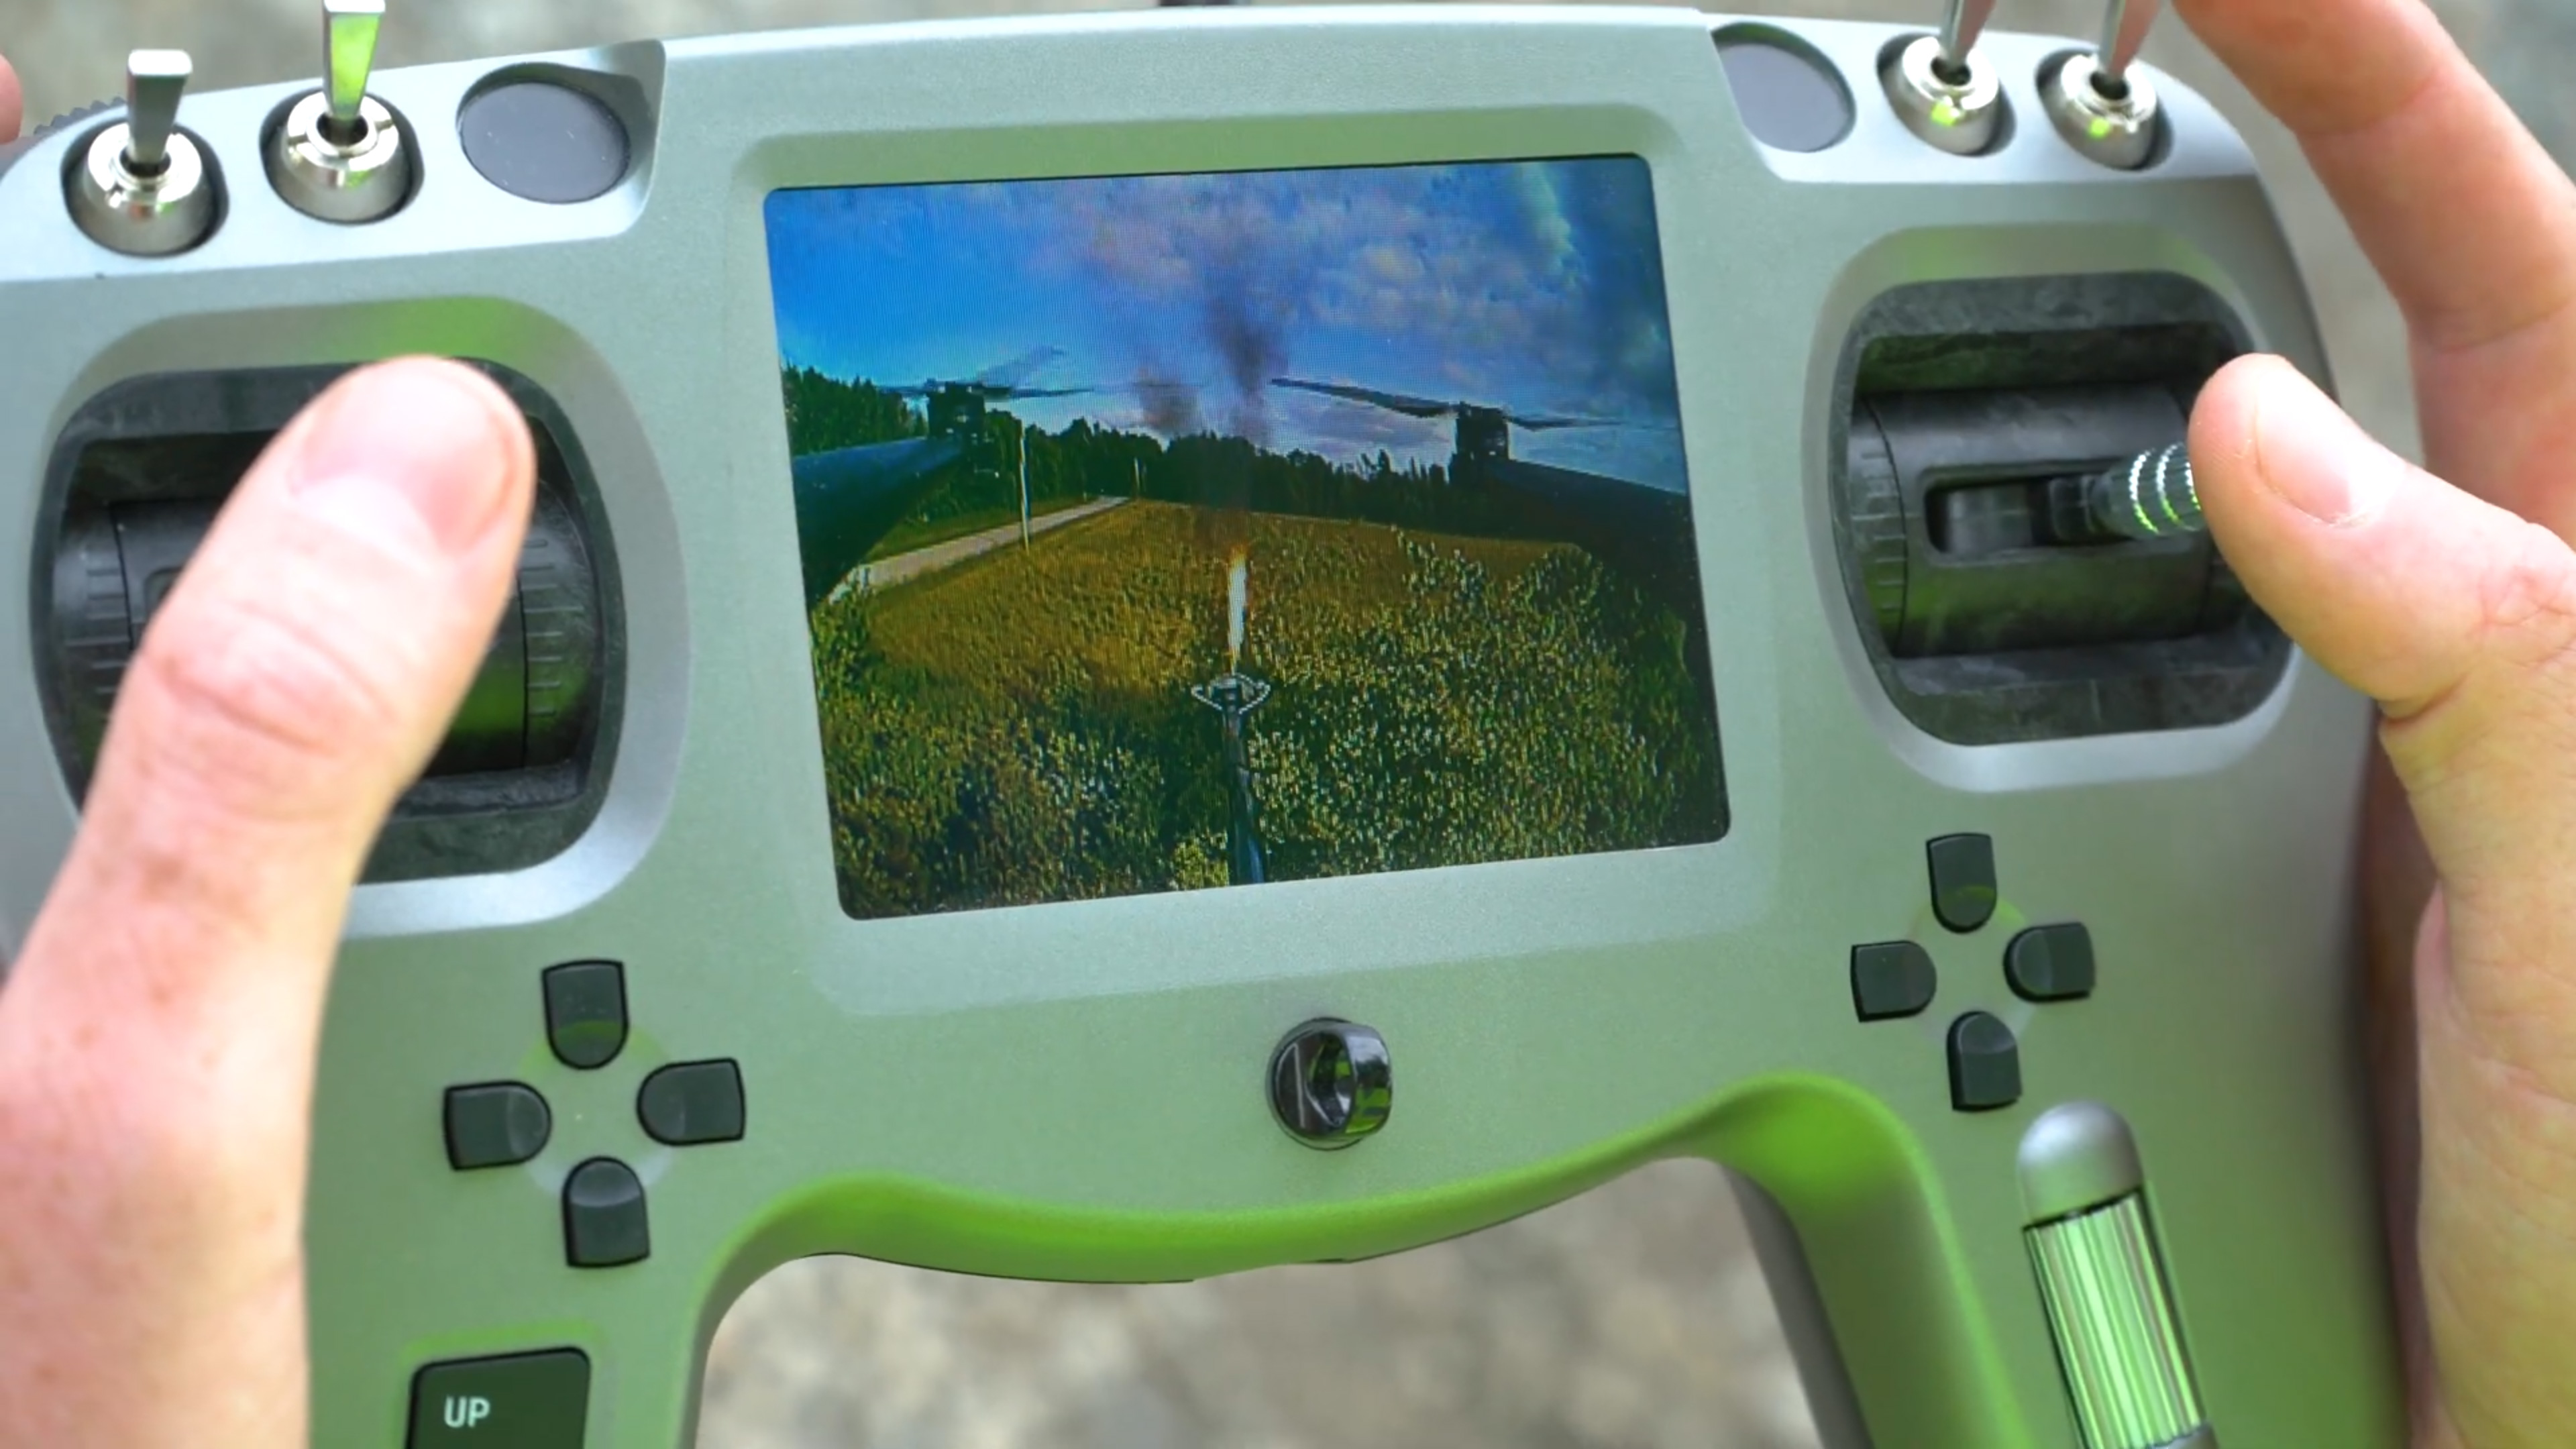 Les drones avec lance-flammes existent et peuvent être achetés par le public